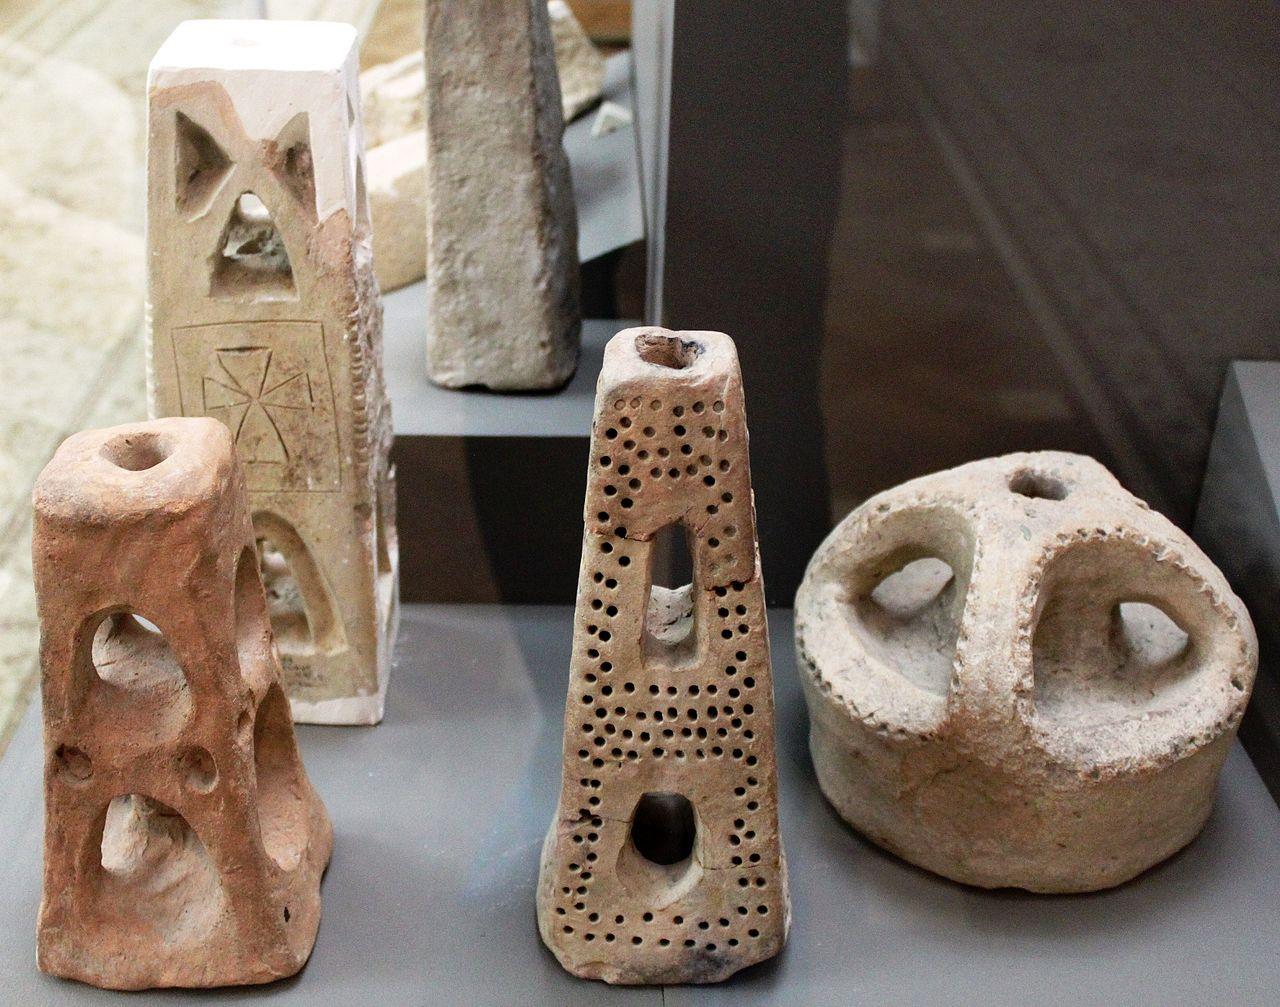 Музей истории Азербайджана, подсвечники 6-7 веков